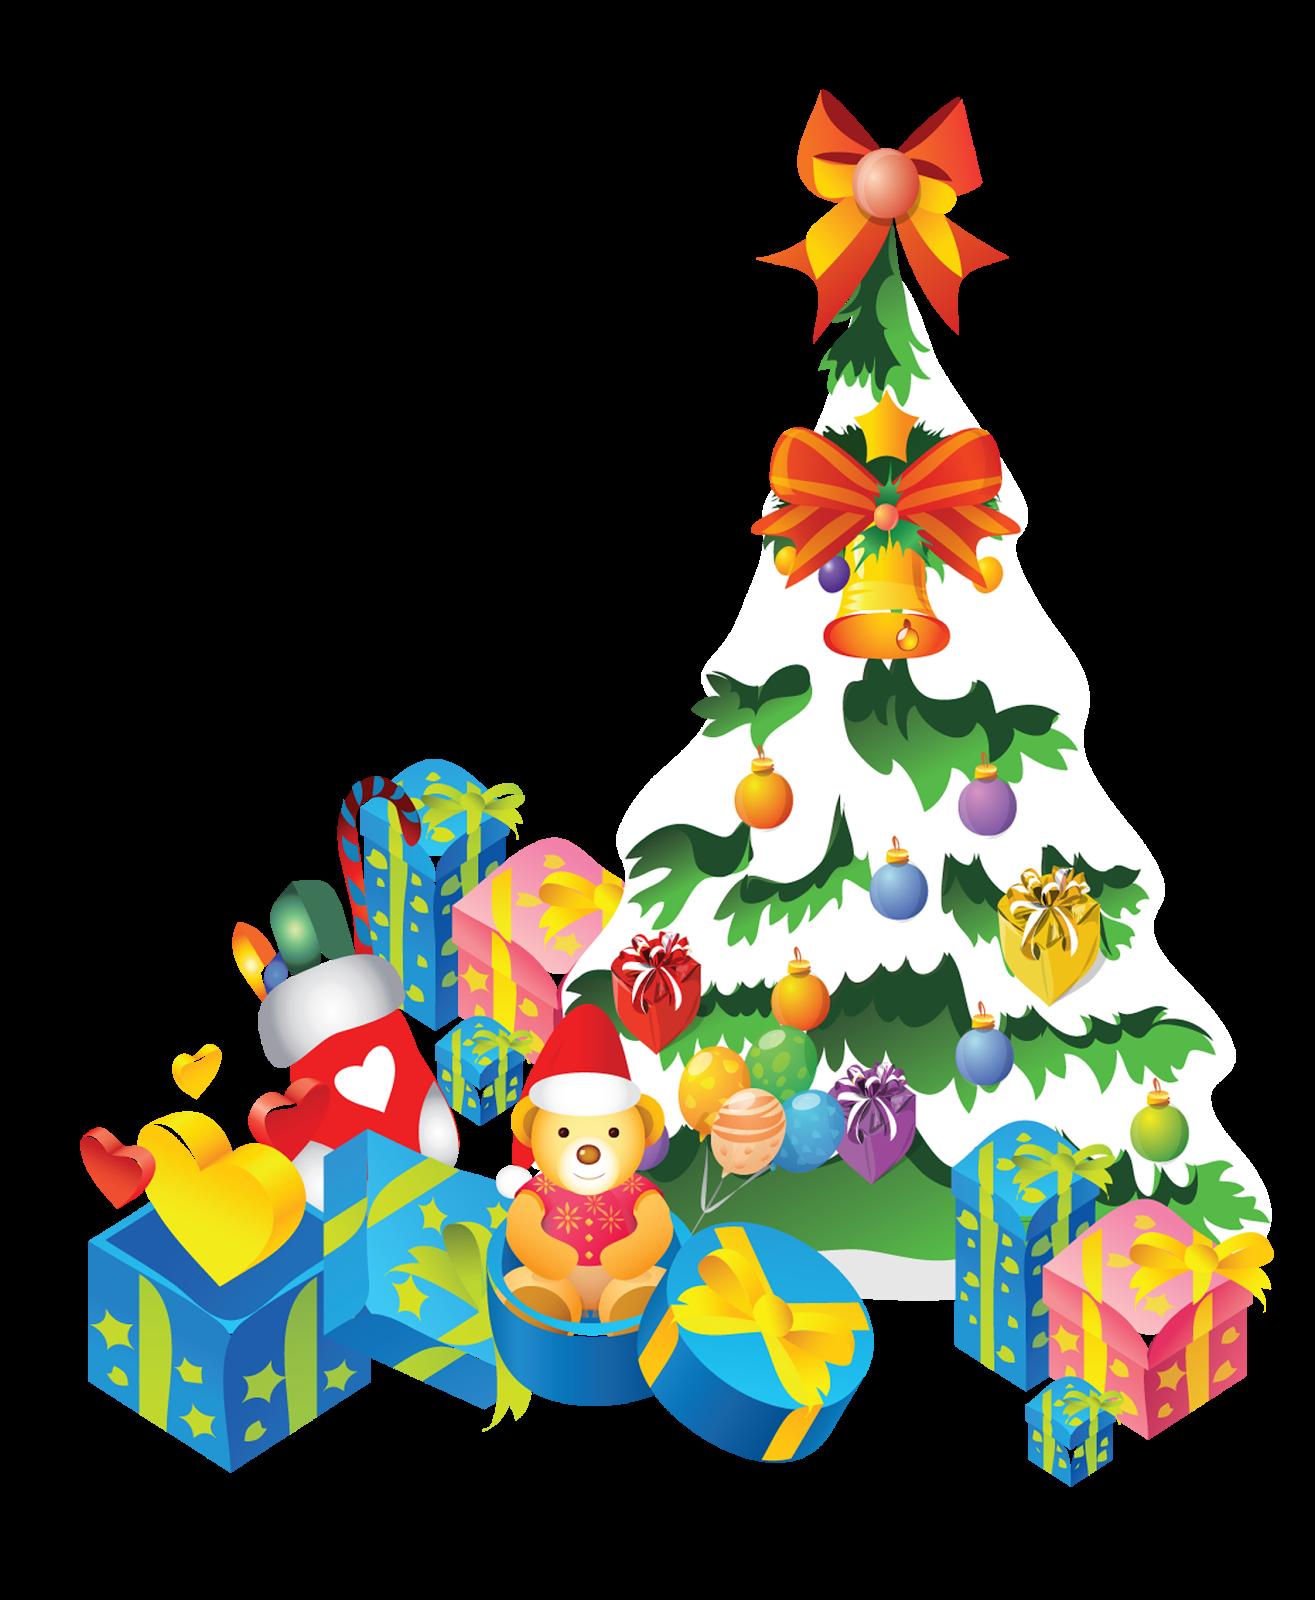 Arboles de navidad vectores - Arbol de navidad con regalos ...